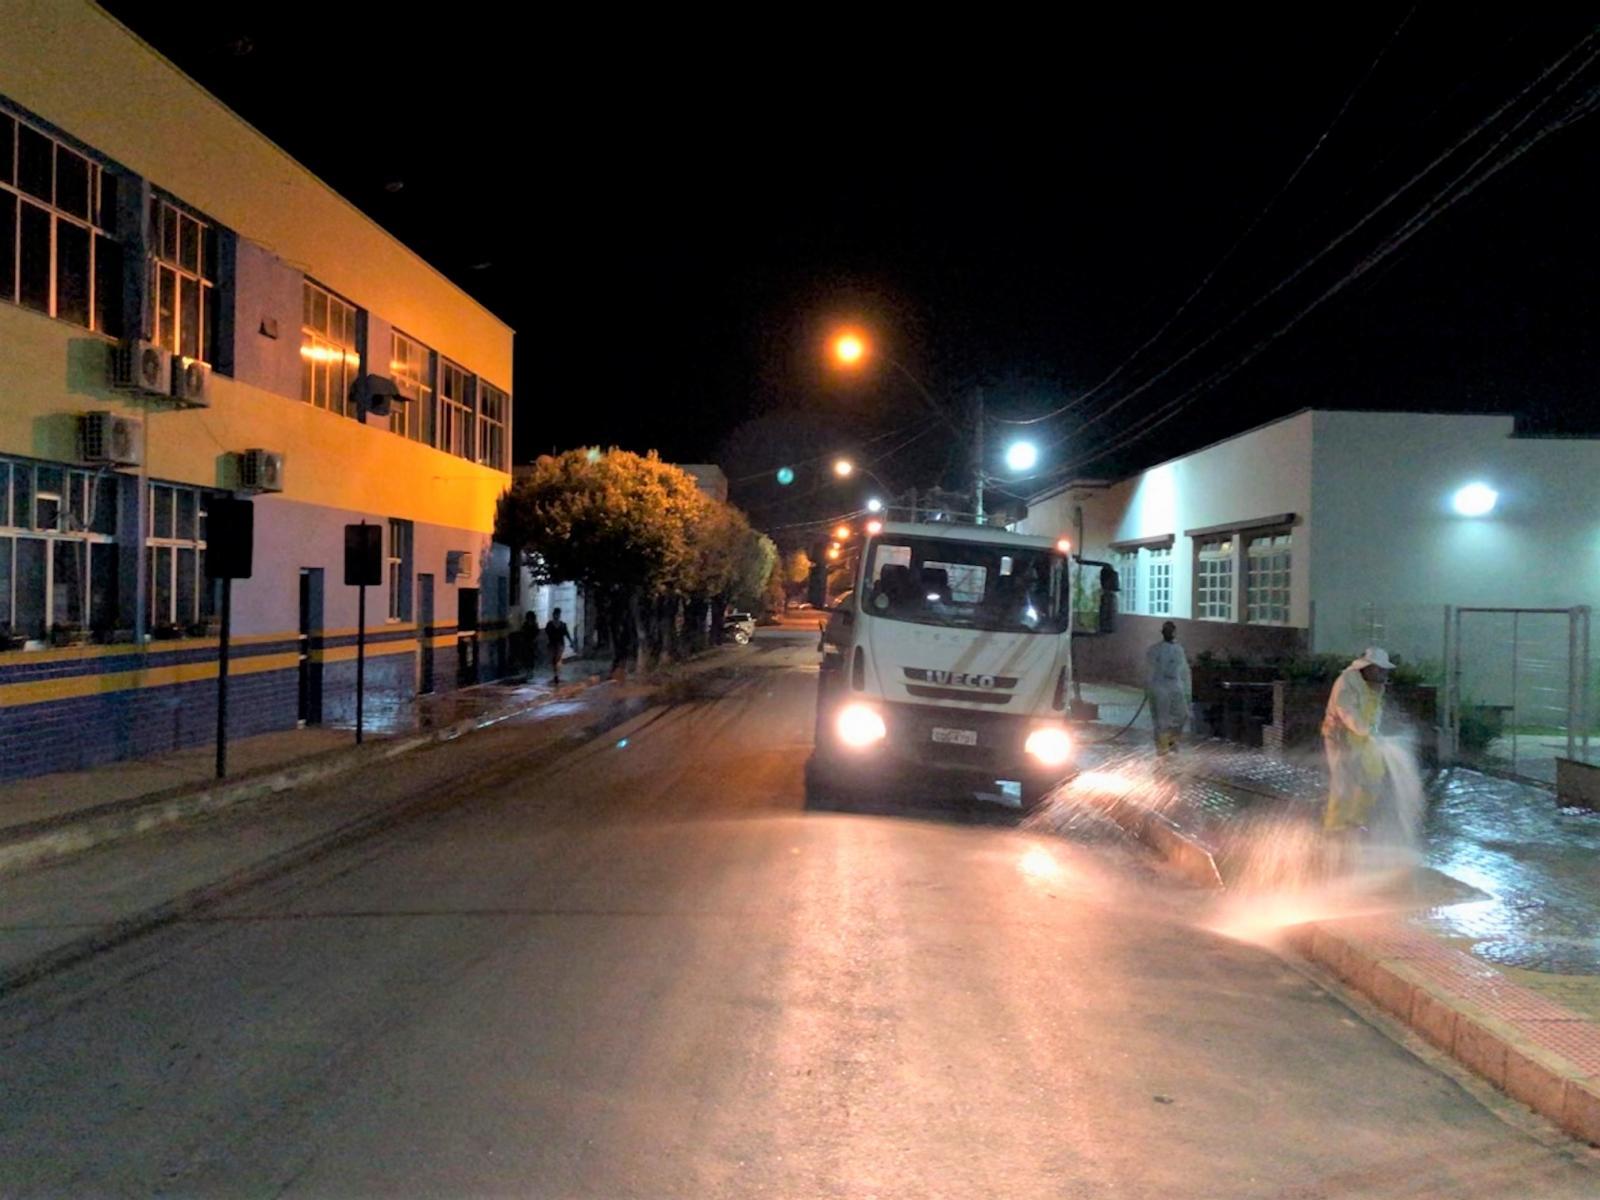 Coronavírus (COVID-19): Prefeitura realiza a limpeza das ruas para combater o novo vírus